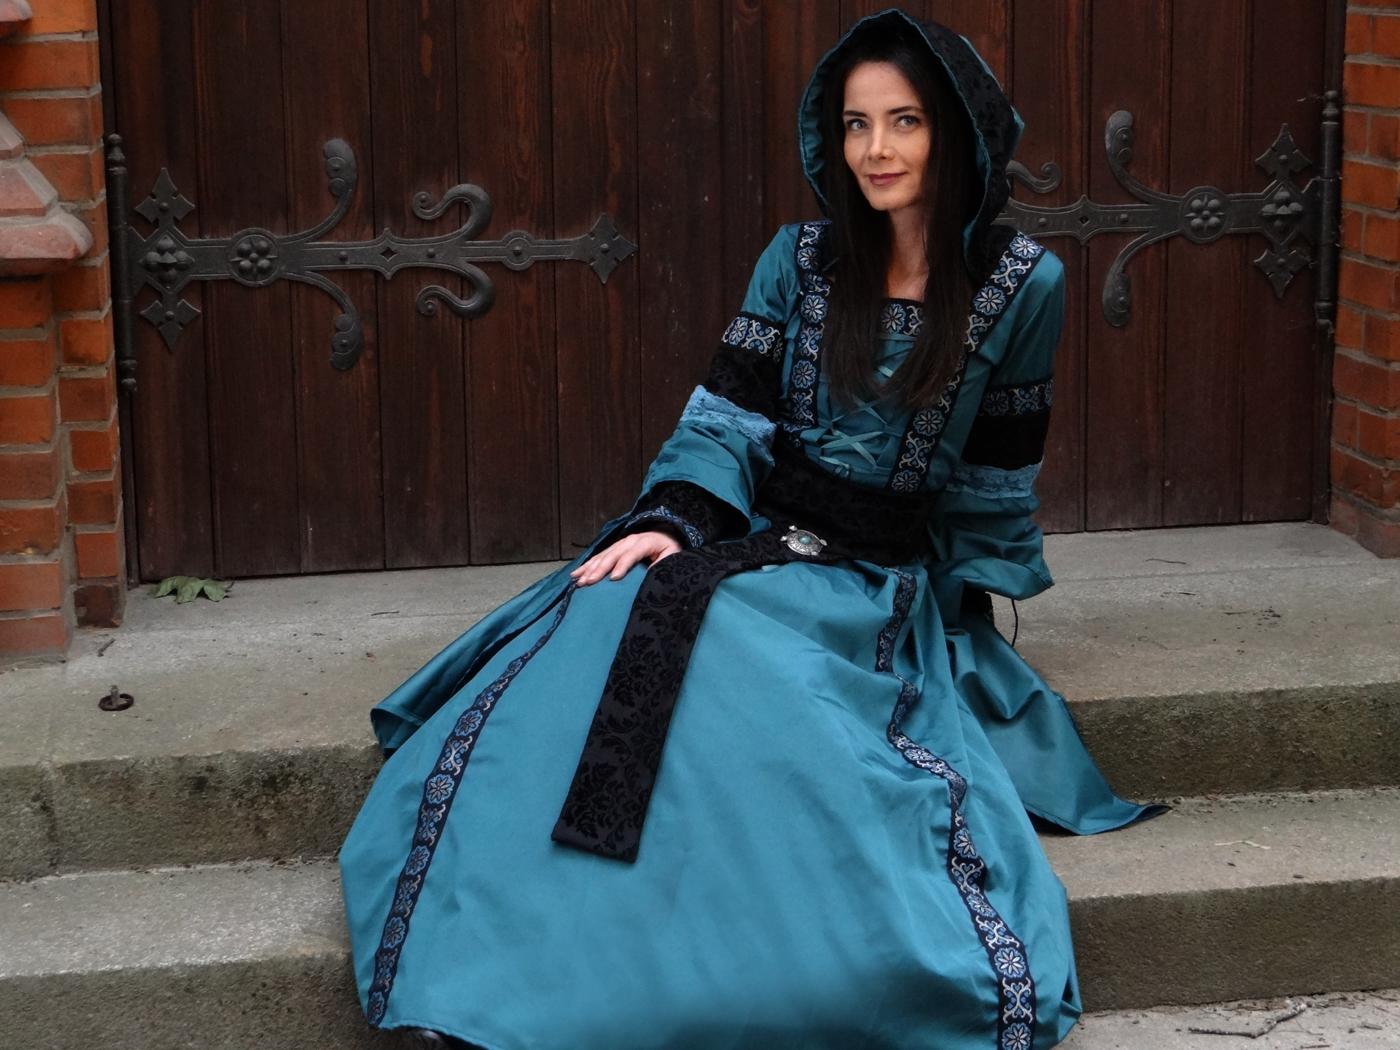 Hochwertiges Mittelalter Kleid türkis schwarz Spitze Samt Kapuzenkleid Trompetenärmel